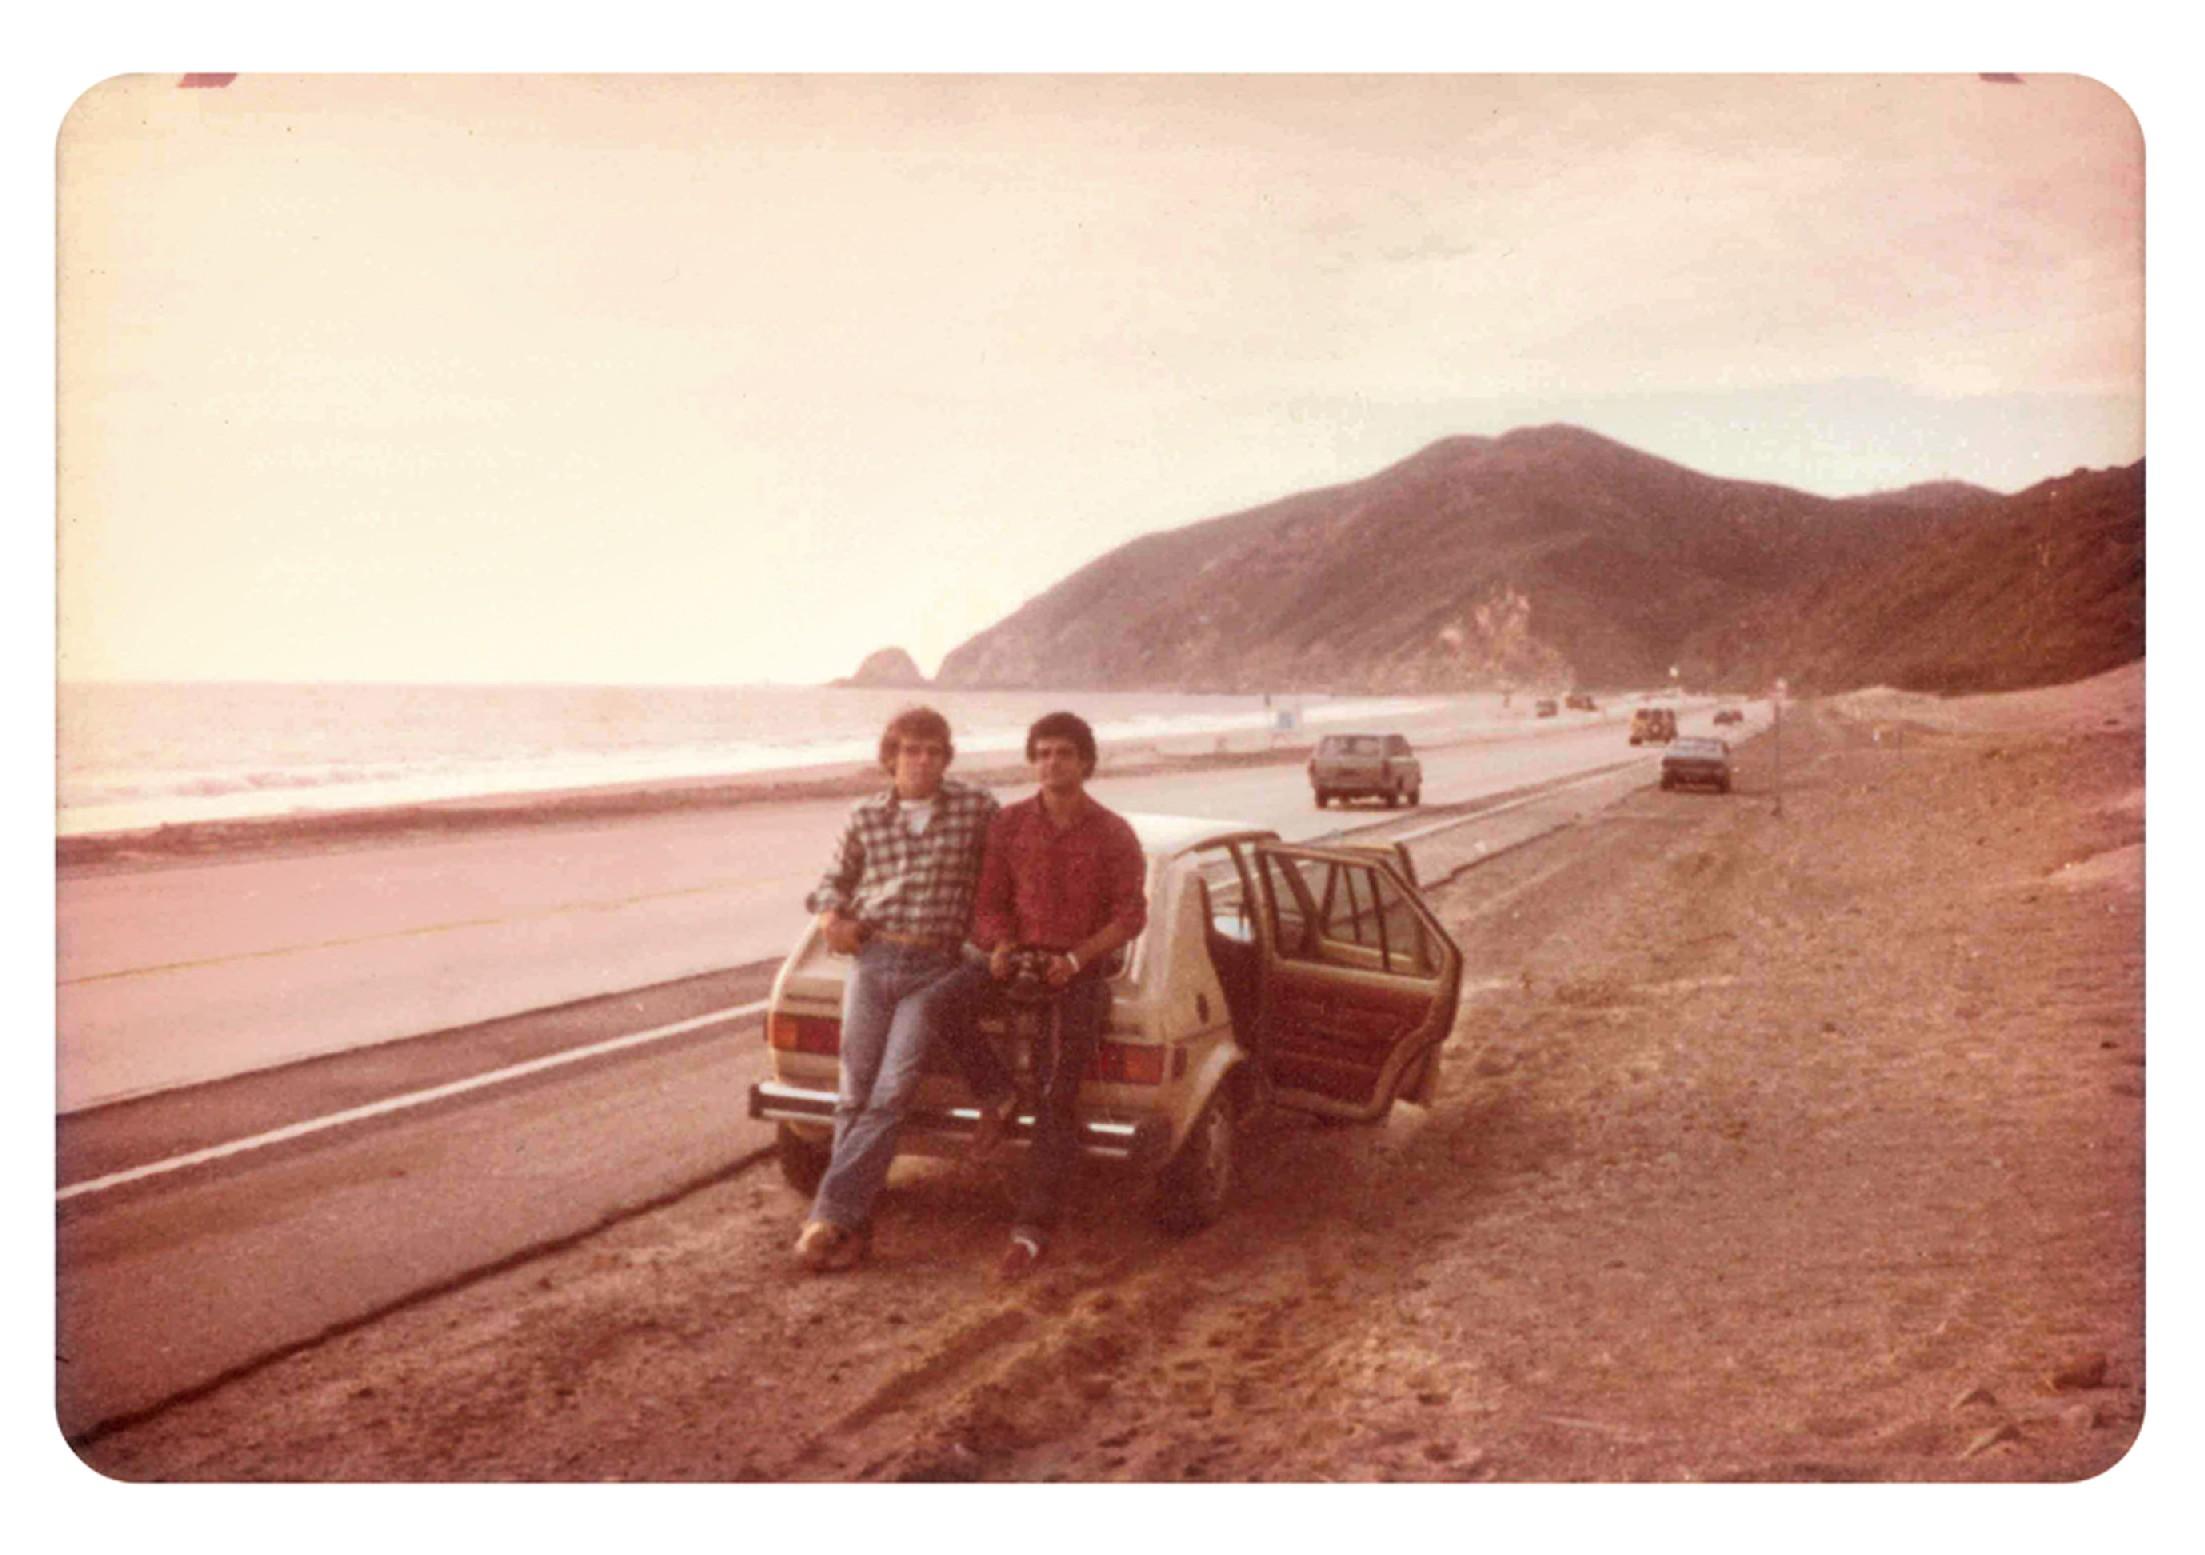 Com o amigo Guilherme Martins de Almeida, o Dumdum, em 1978, quando alugaram um carro e viajaram por toda costa da Califórnia